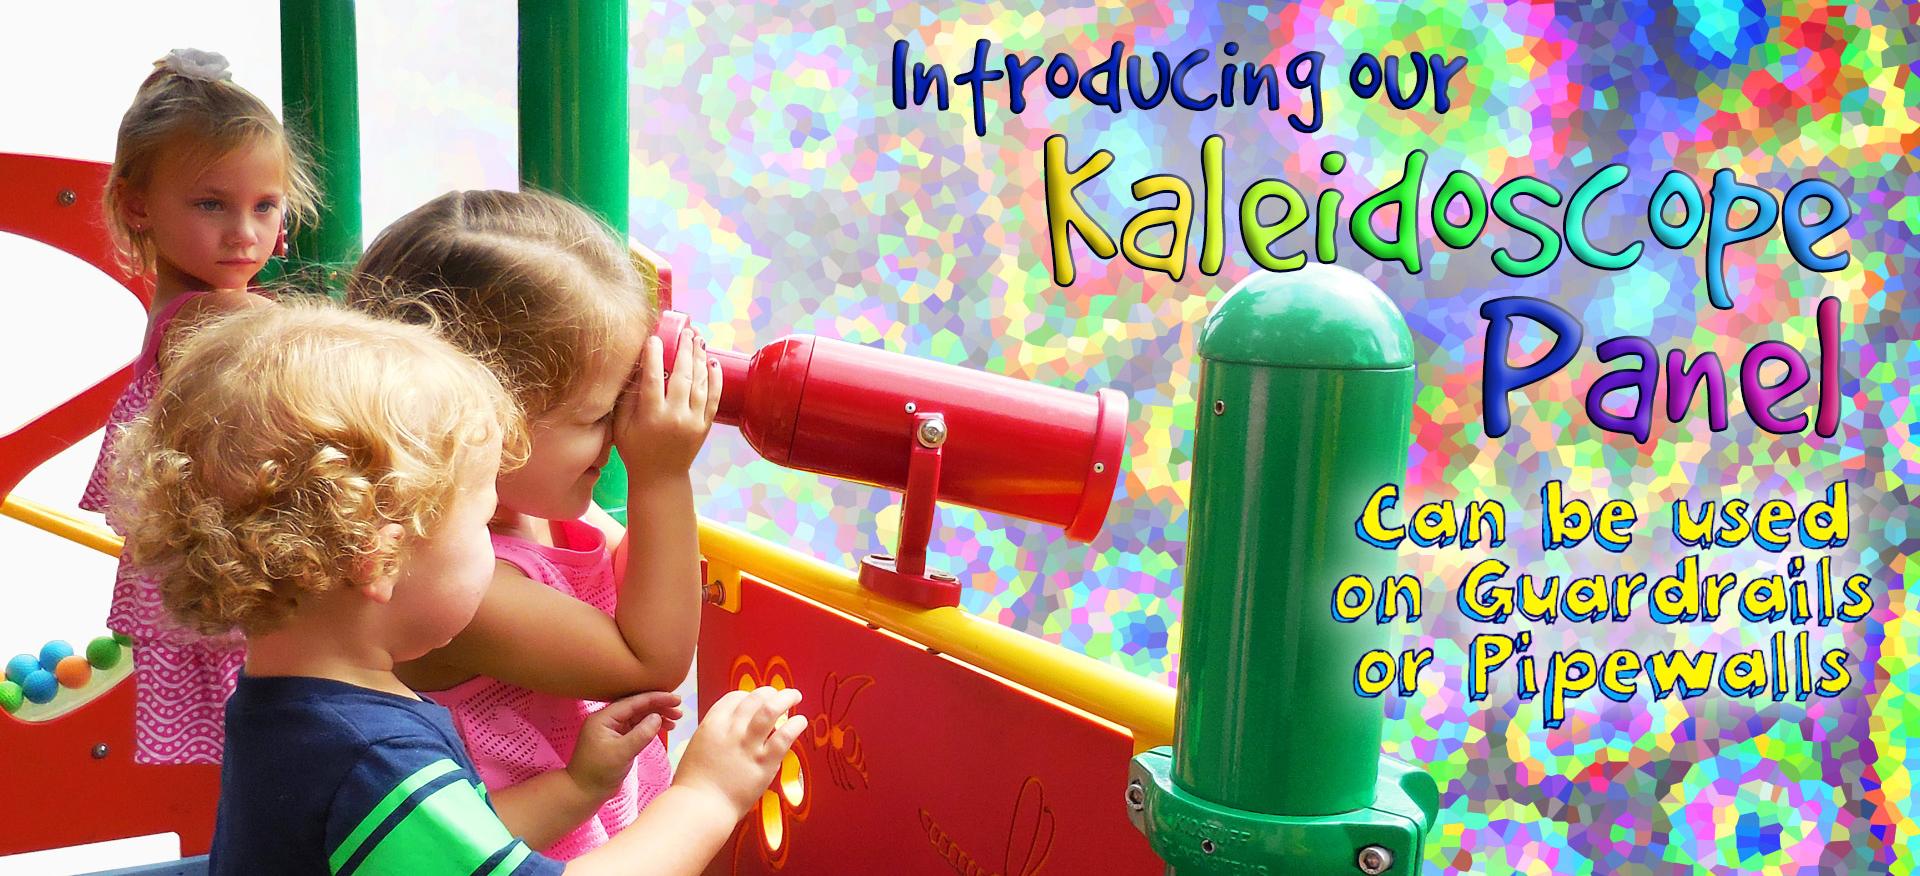 Kaleidoscope Panel